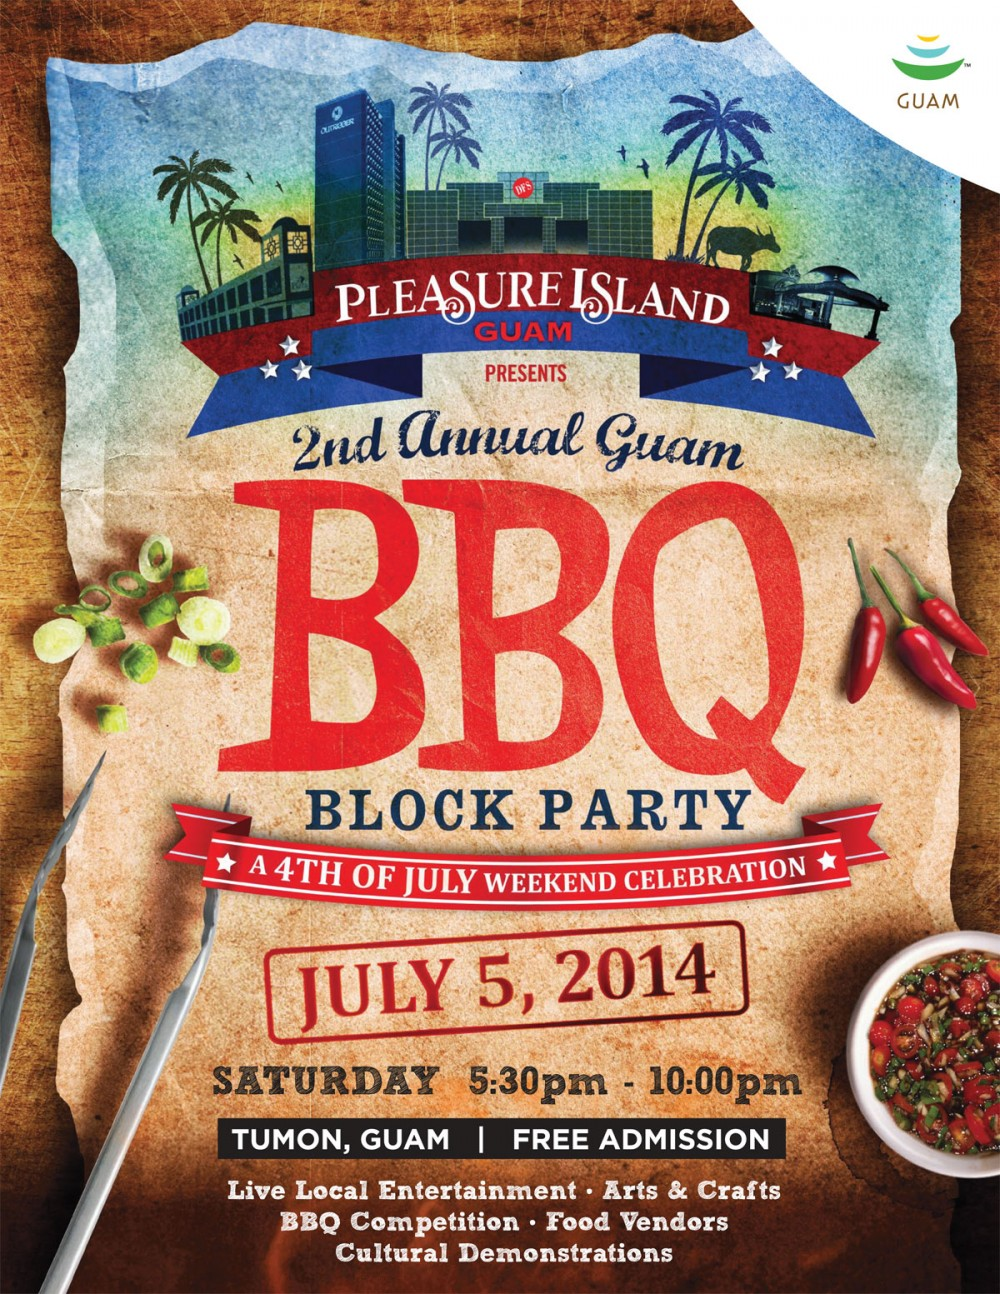 プレジャーアイランドグアム BBQブロックアウトパーティー開催